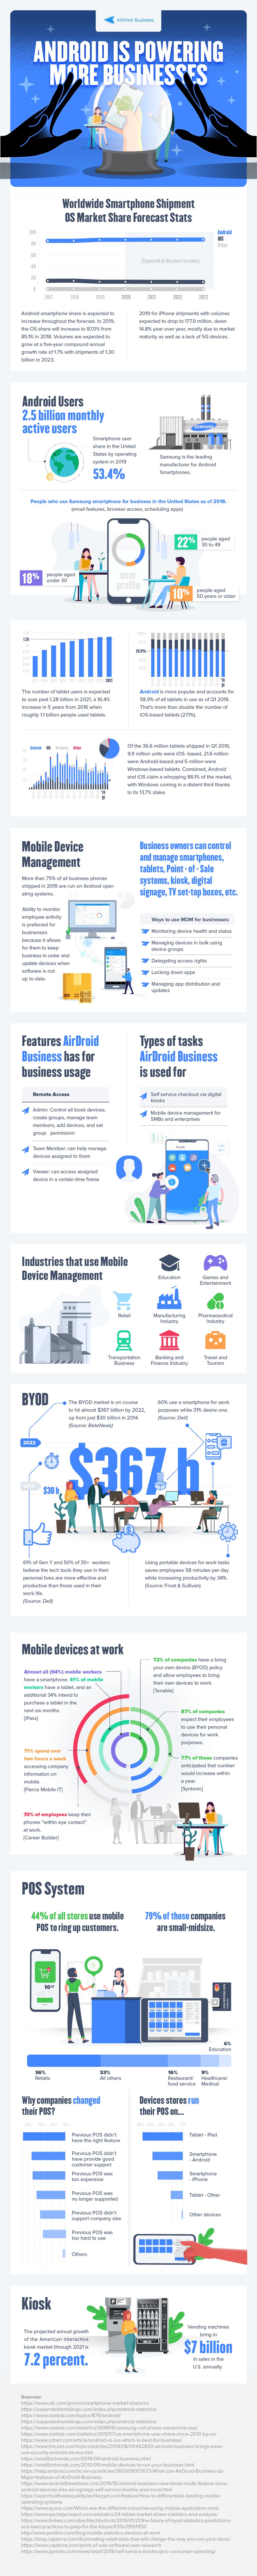 infographics_v2_1231